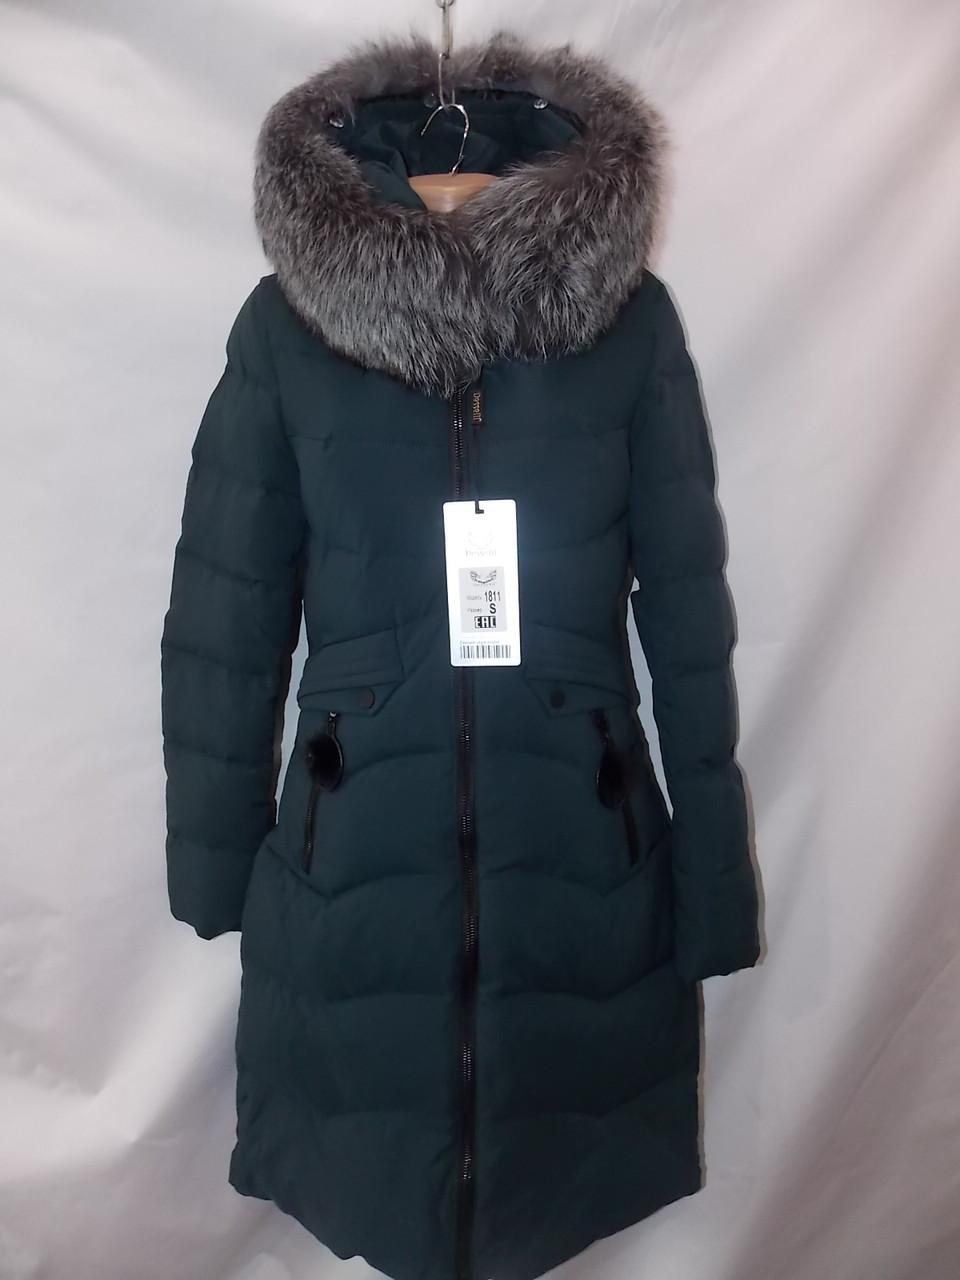 d4d95a688215 Женская куртка зимняя натуральный мех